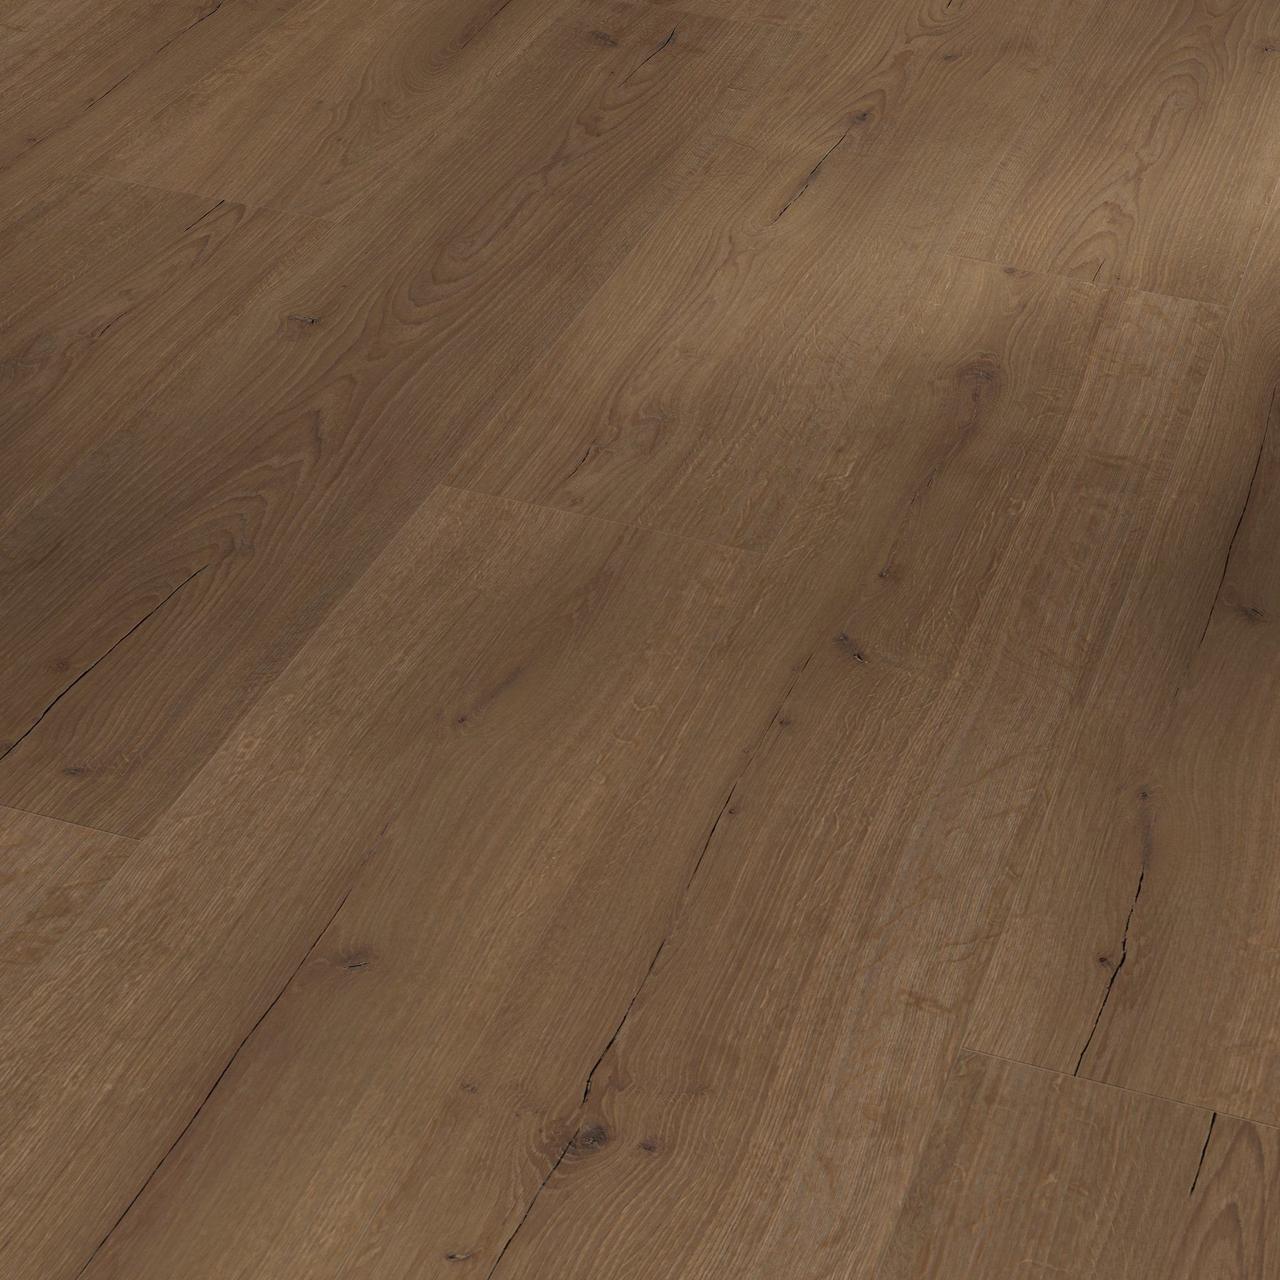 Виниловые покрытия Parador Дуб инфинити антик вивид (Oak Infinity antique vivid texture)